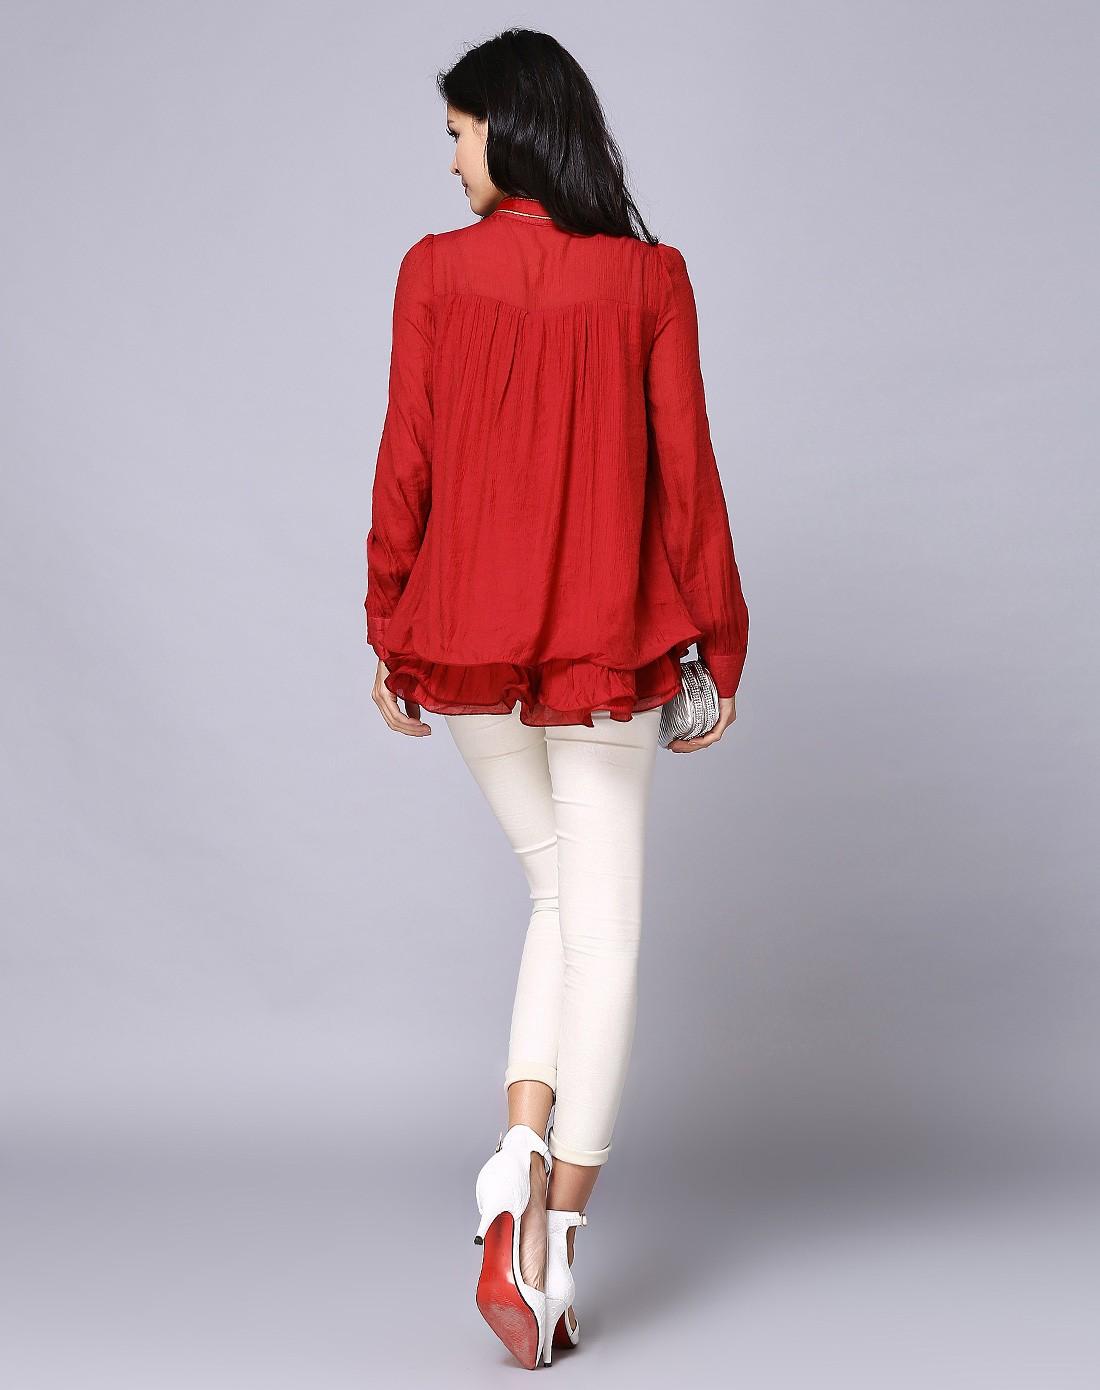 女款红色上衣